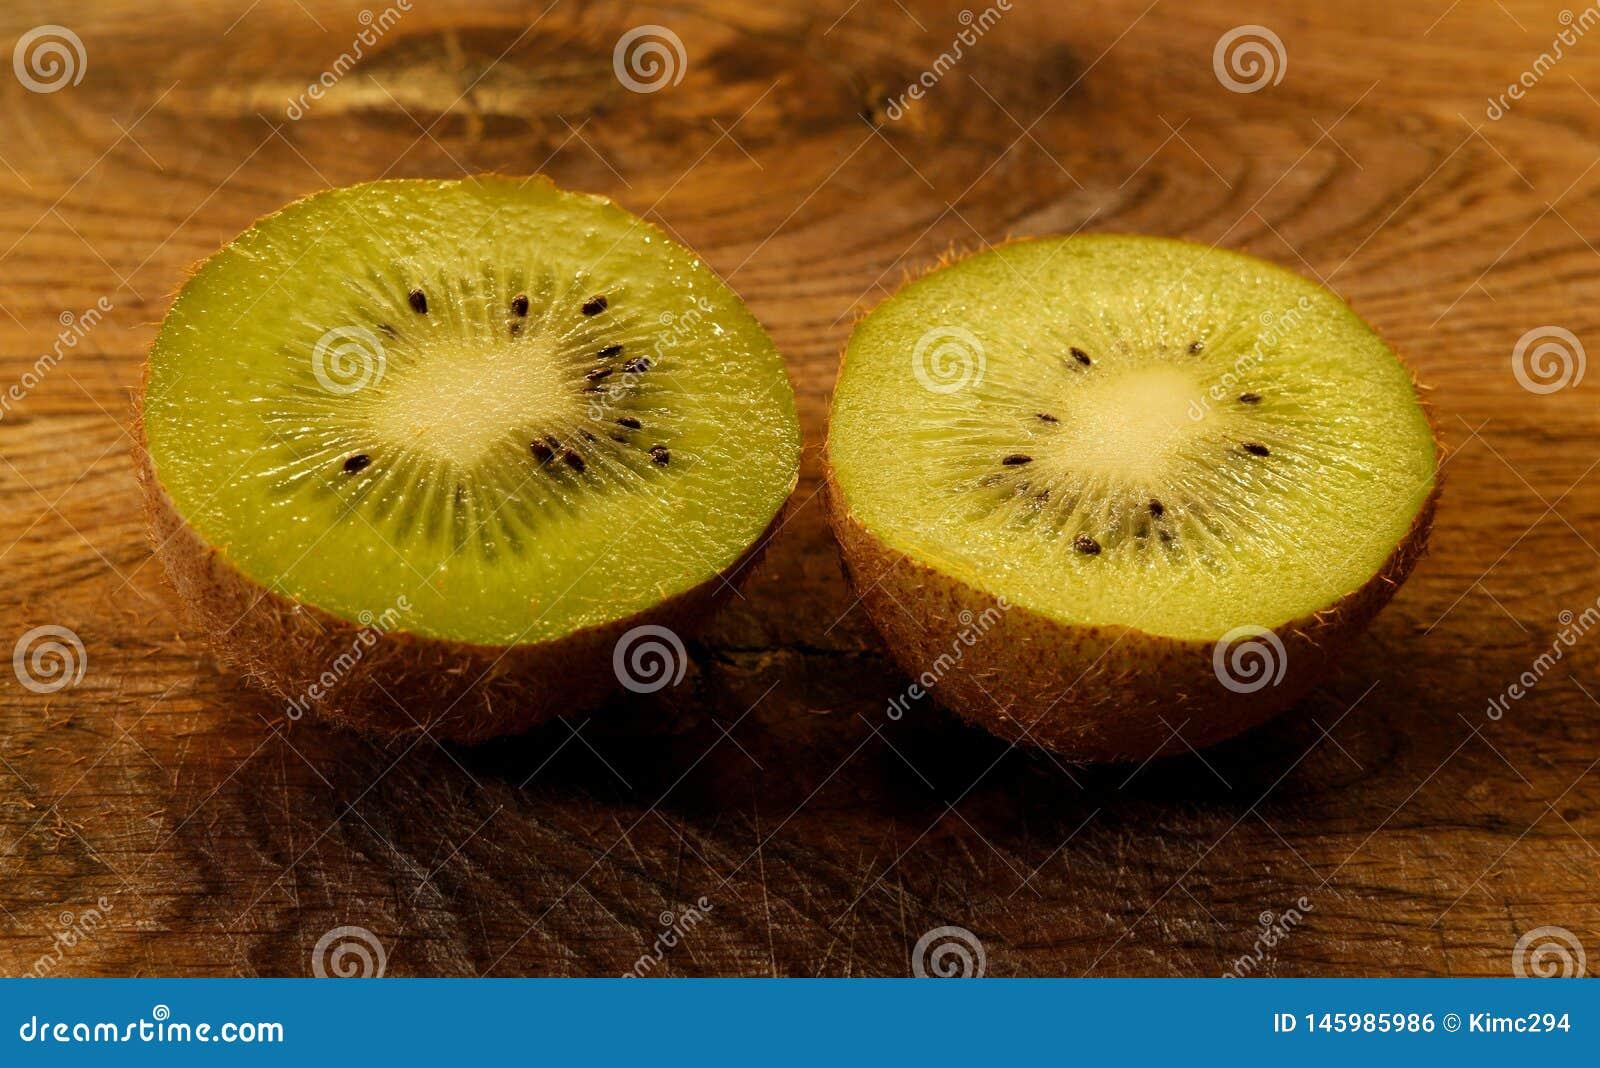 关闭在在一个木切板的一半分裂的猕猴桃 与黑种子的鲜绿色的猕猴桃